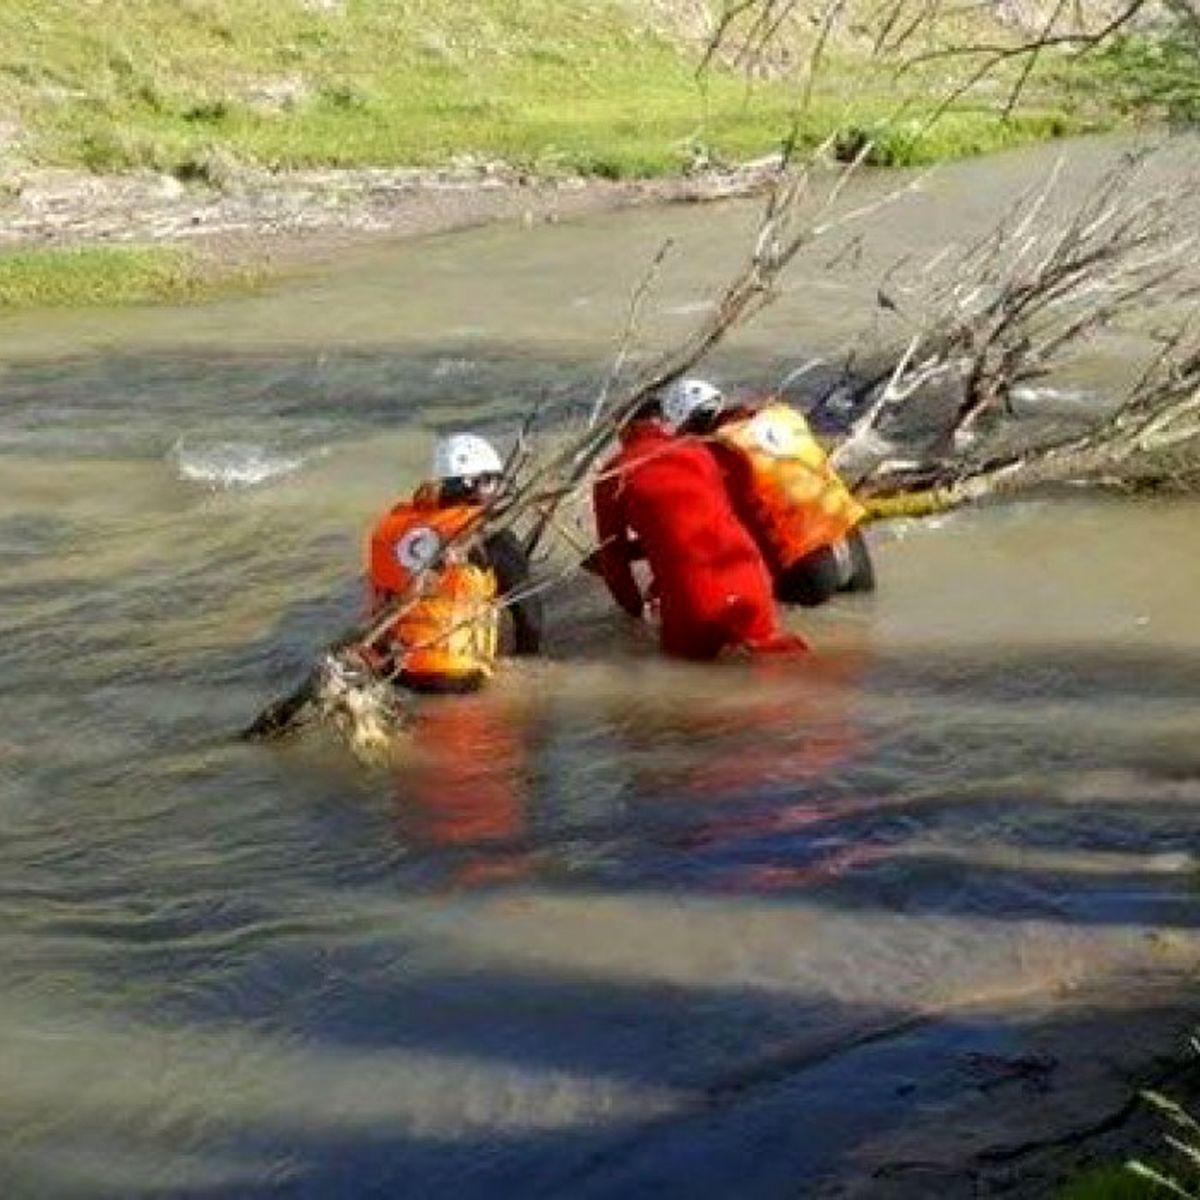 دختر جوان زیر پل دریاچه لواسان غرق شد + جزئیات